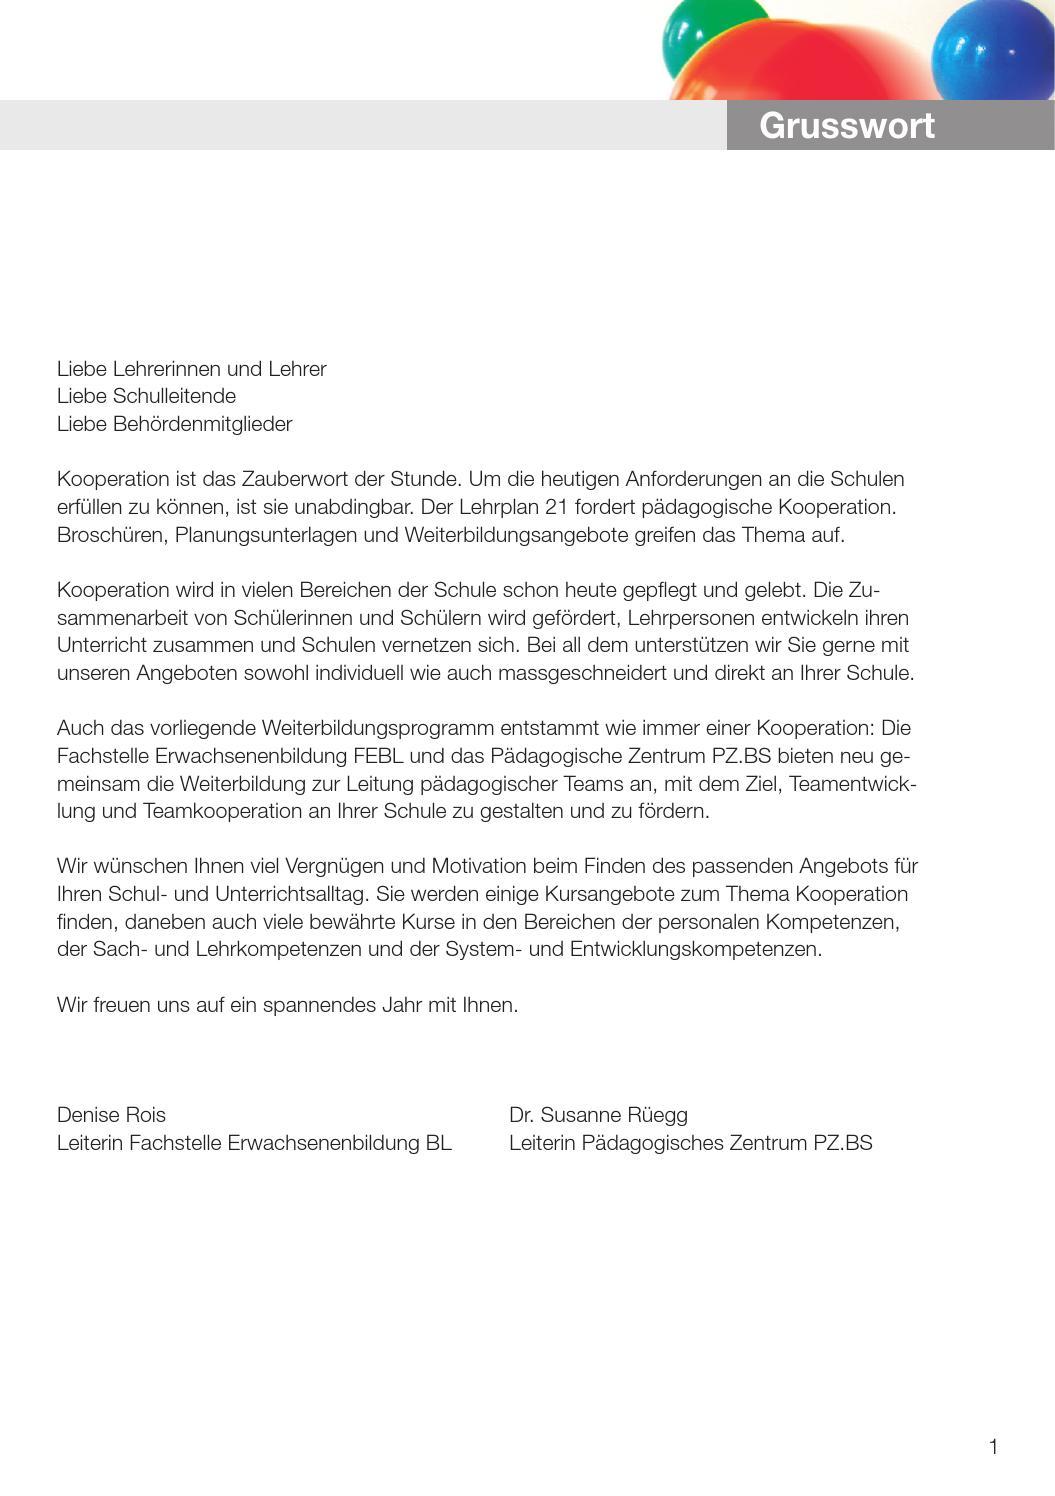 Weiterbildungsangebote 2015 von FEBL und PZ.BS by Gisin Software ...